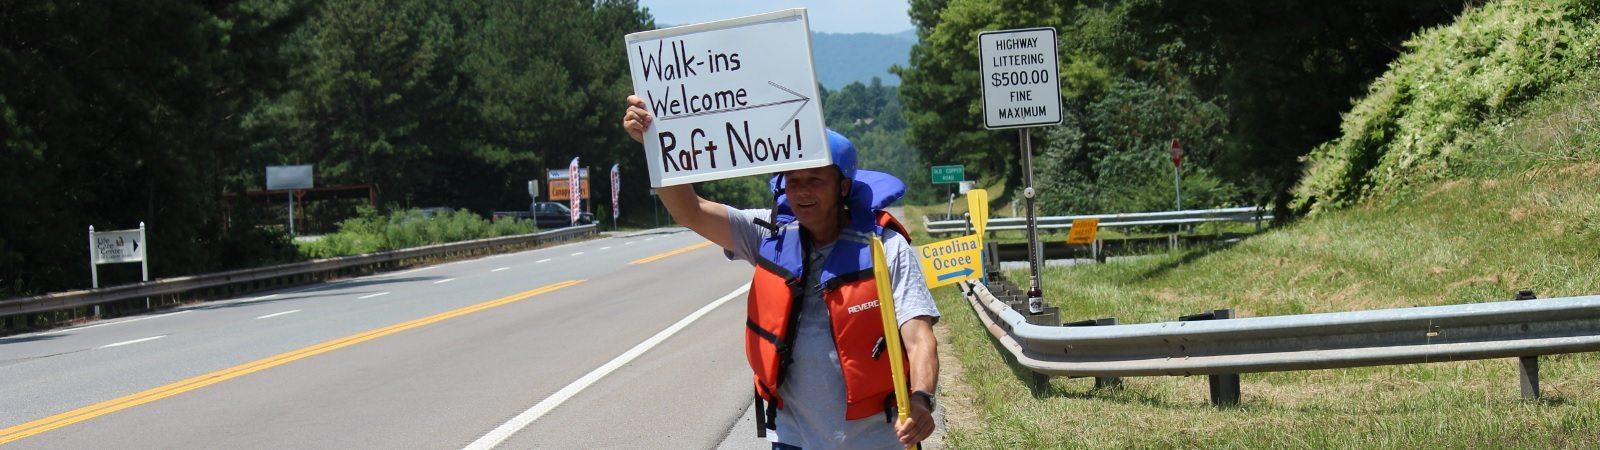 Ocoee rafting trip walk-ins welcome